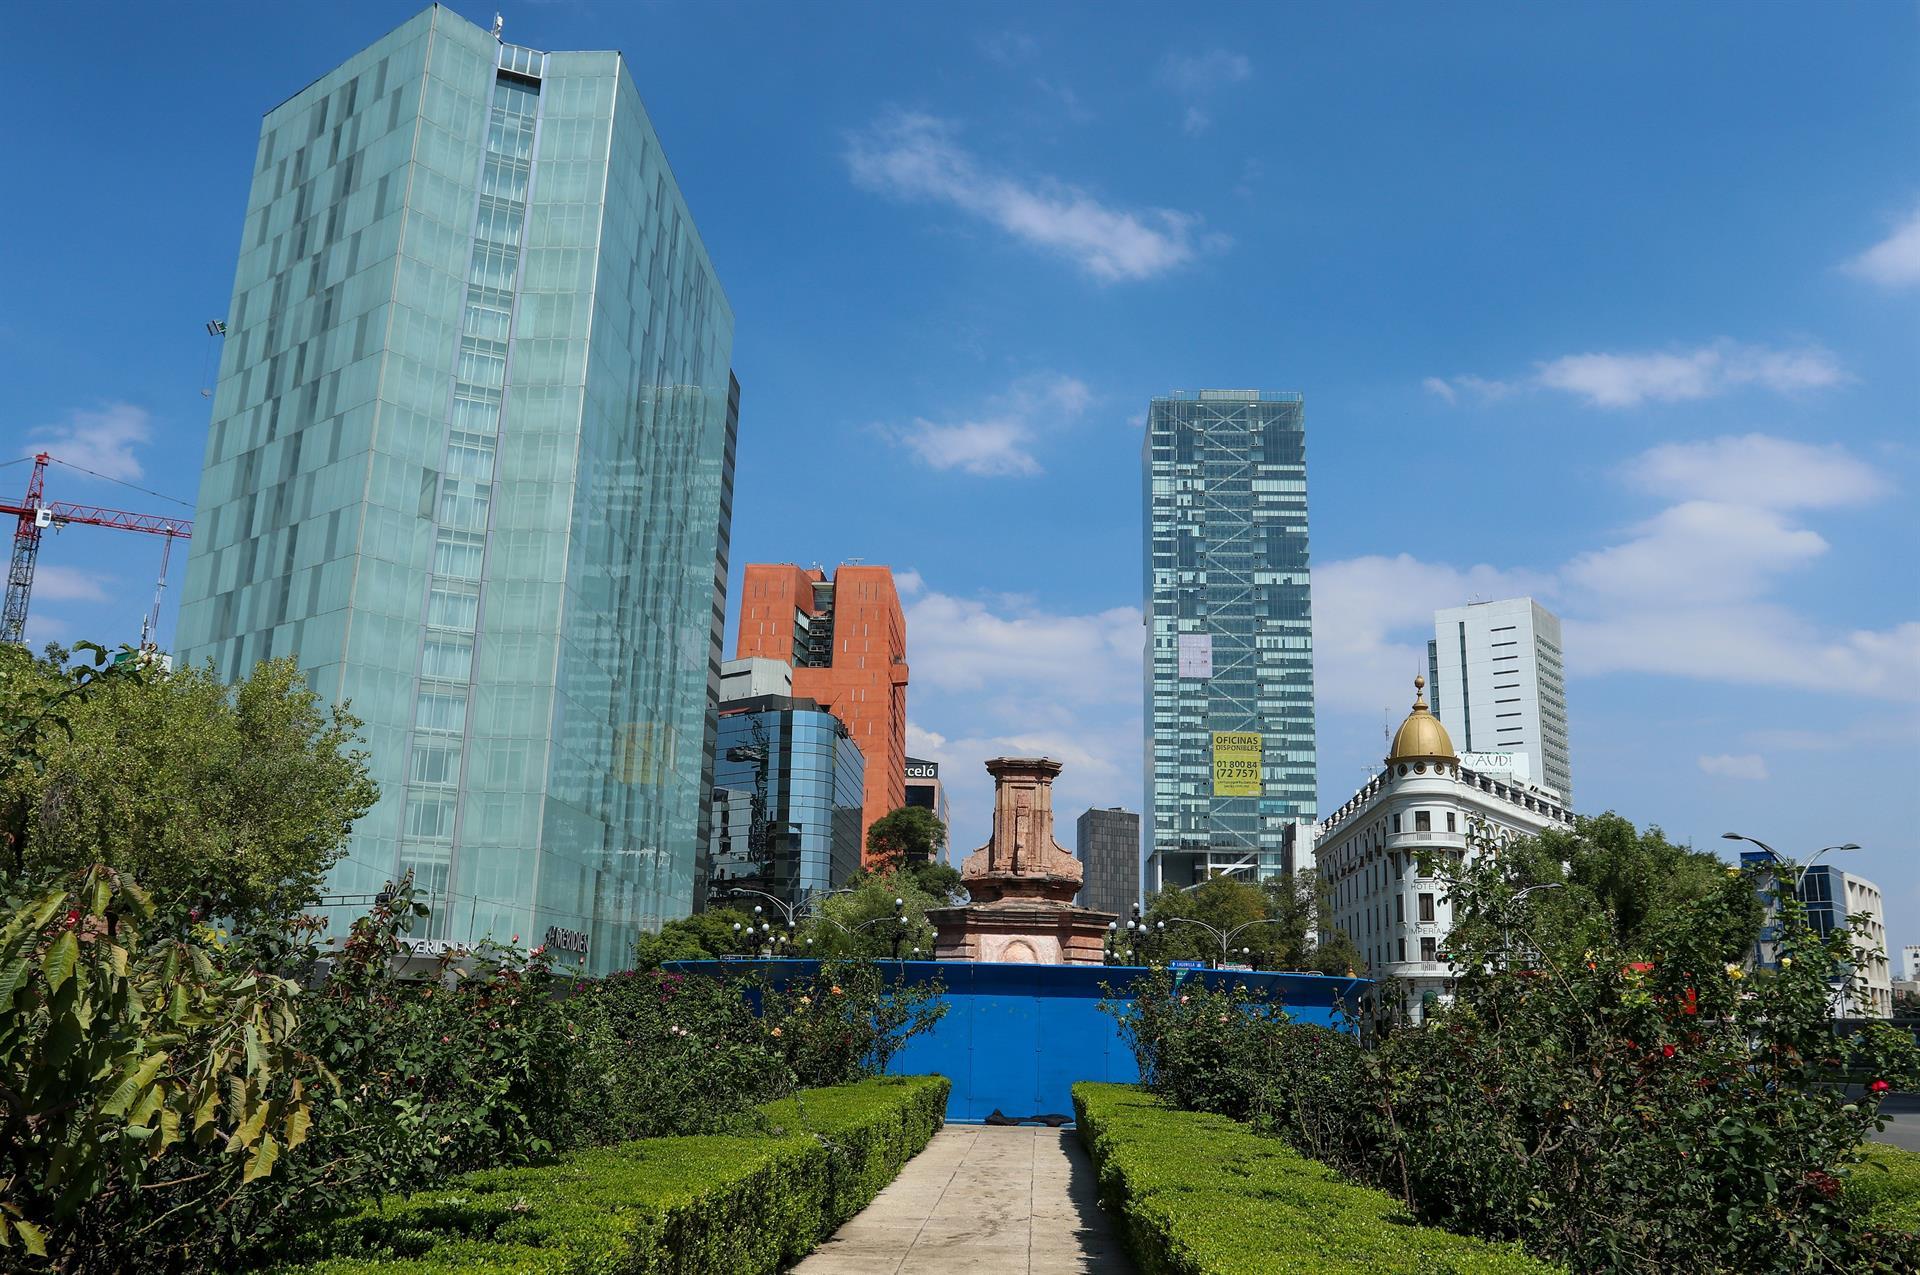 Vista general del lugar donde se encontraba el monumento a Cristóbal Colon, la Ciudad de México (México) (EFE)